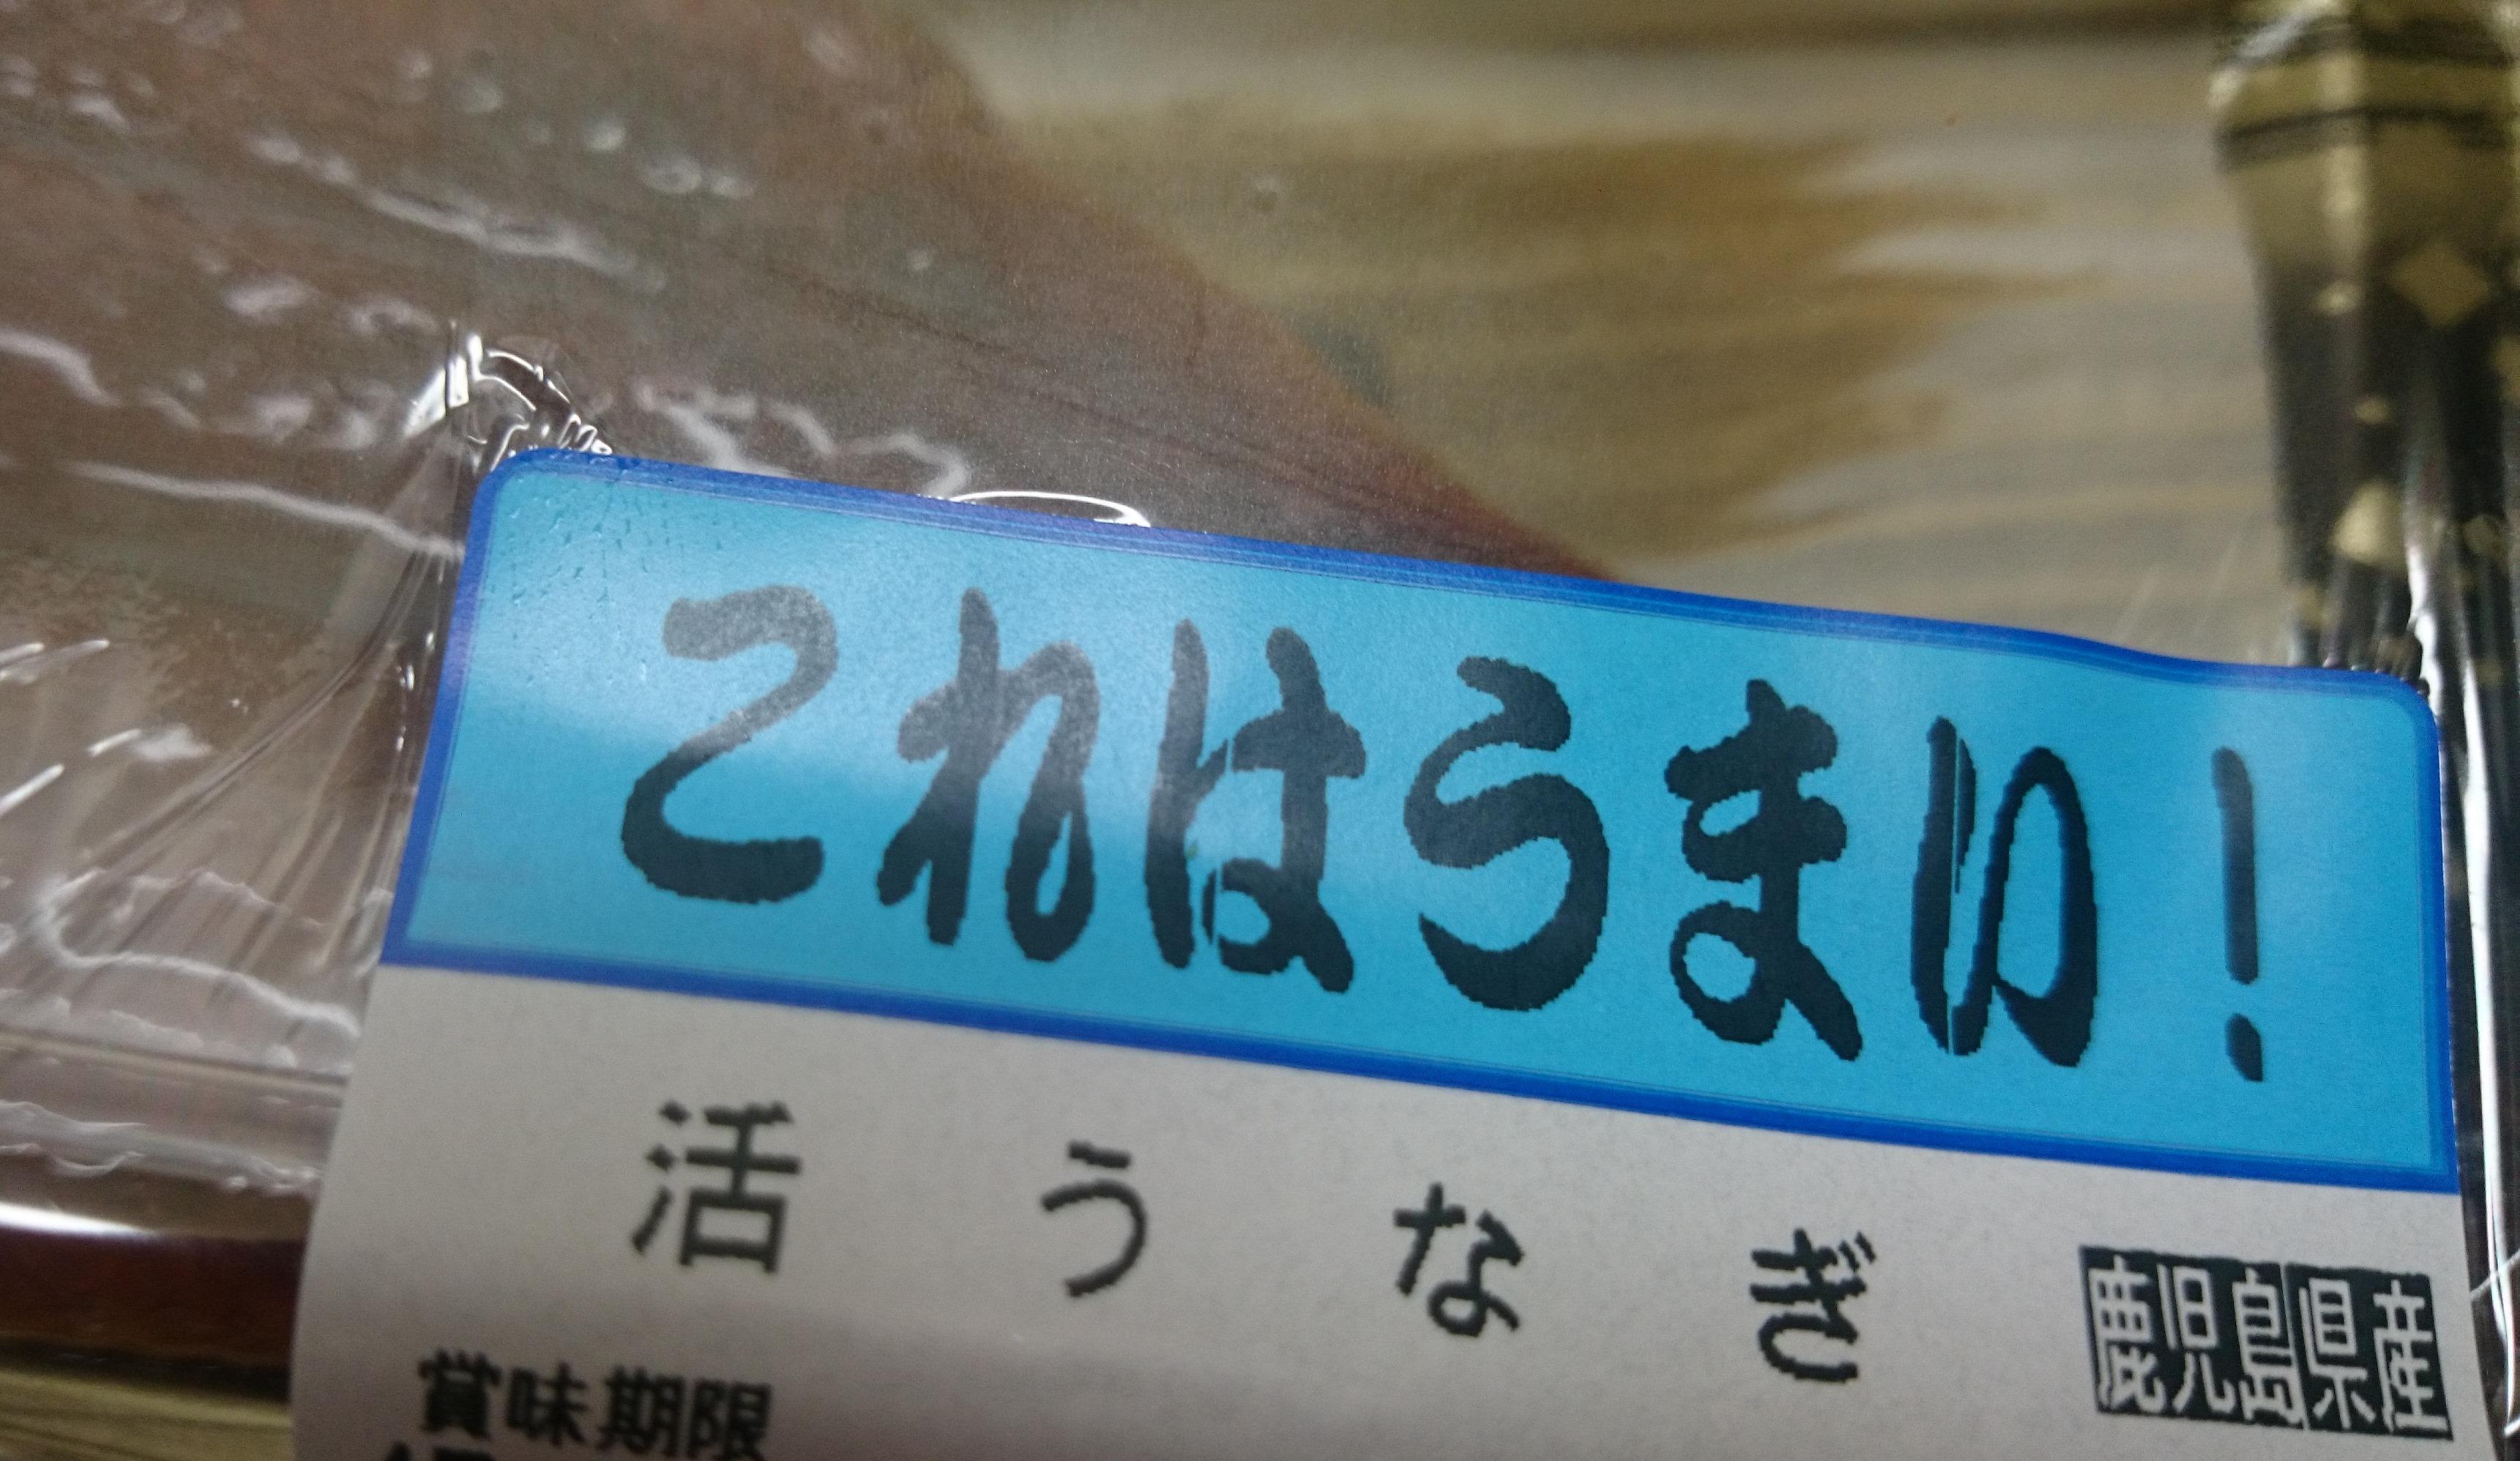 2、DSC_6016